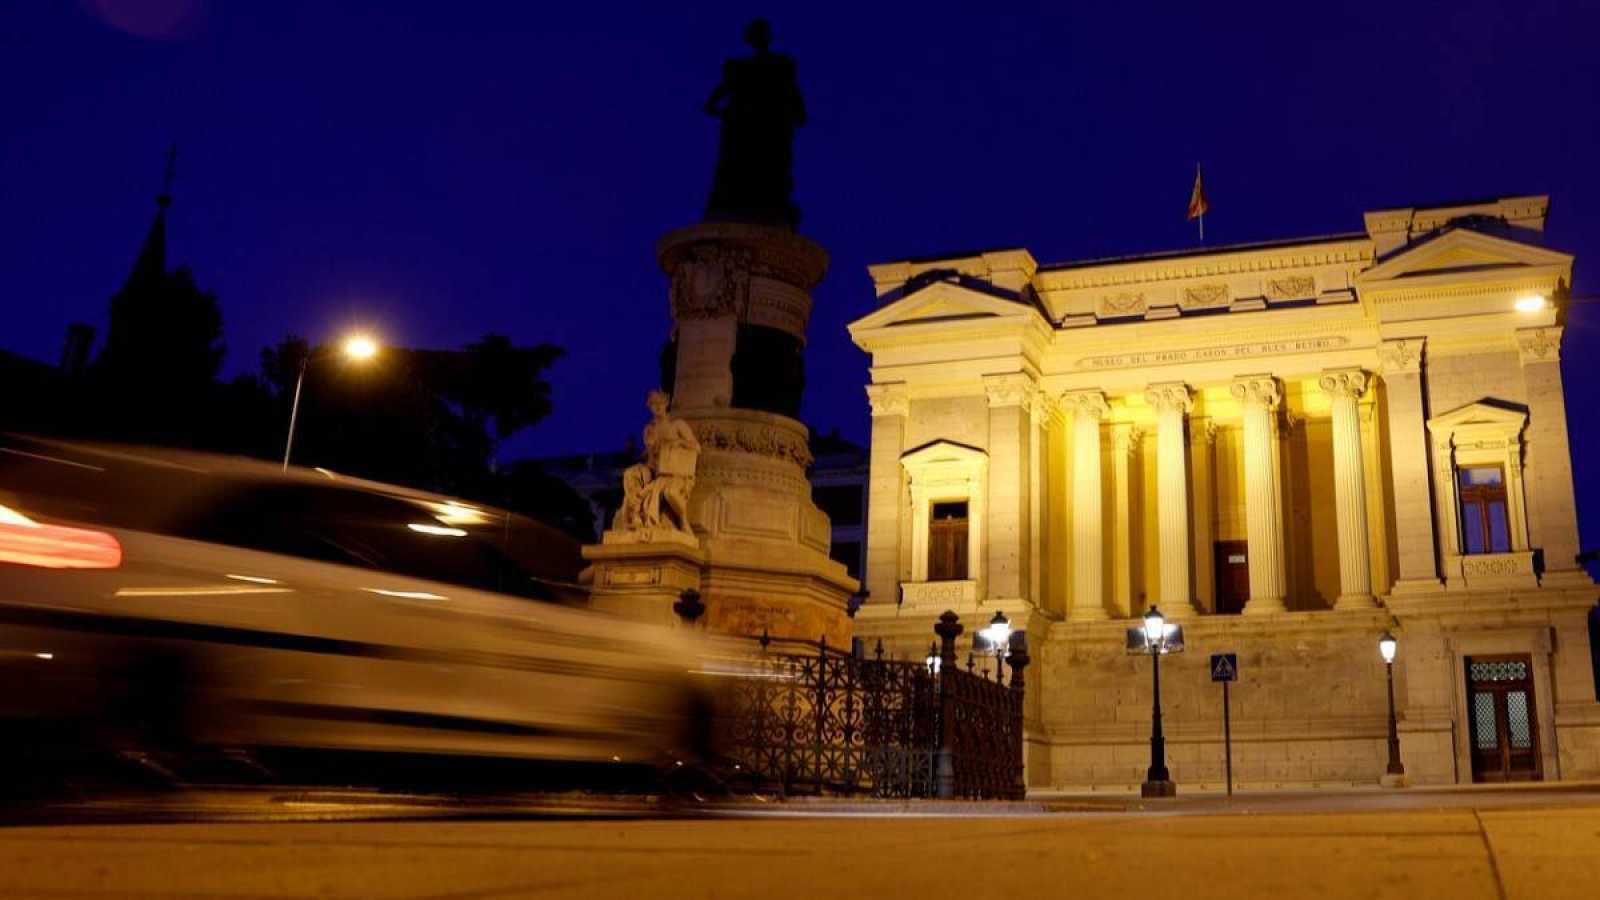 La Unesco aprueba cinco candidaturas latinoamericanas a Patrimonio Mundial.